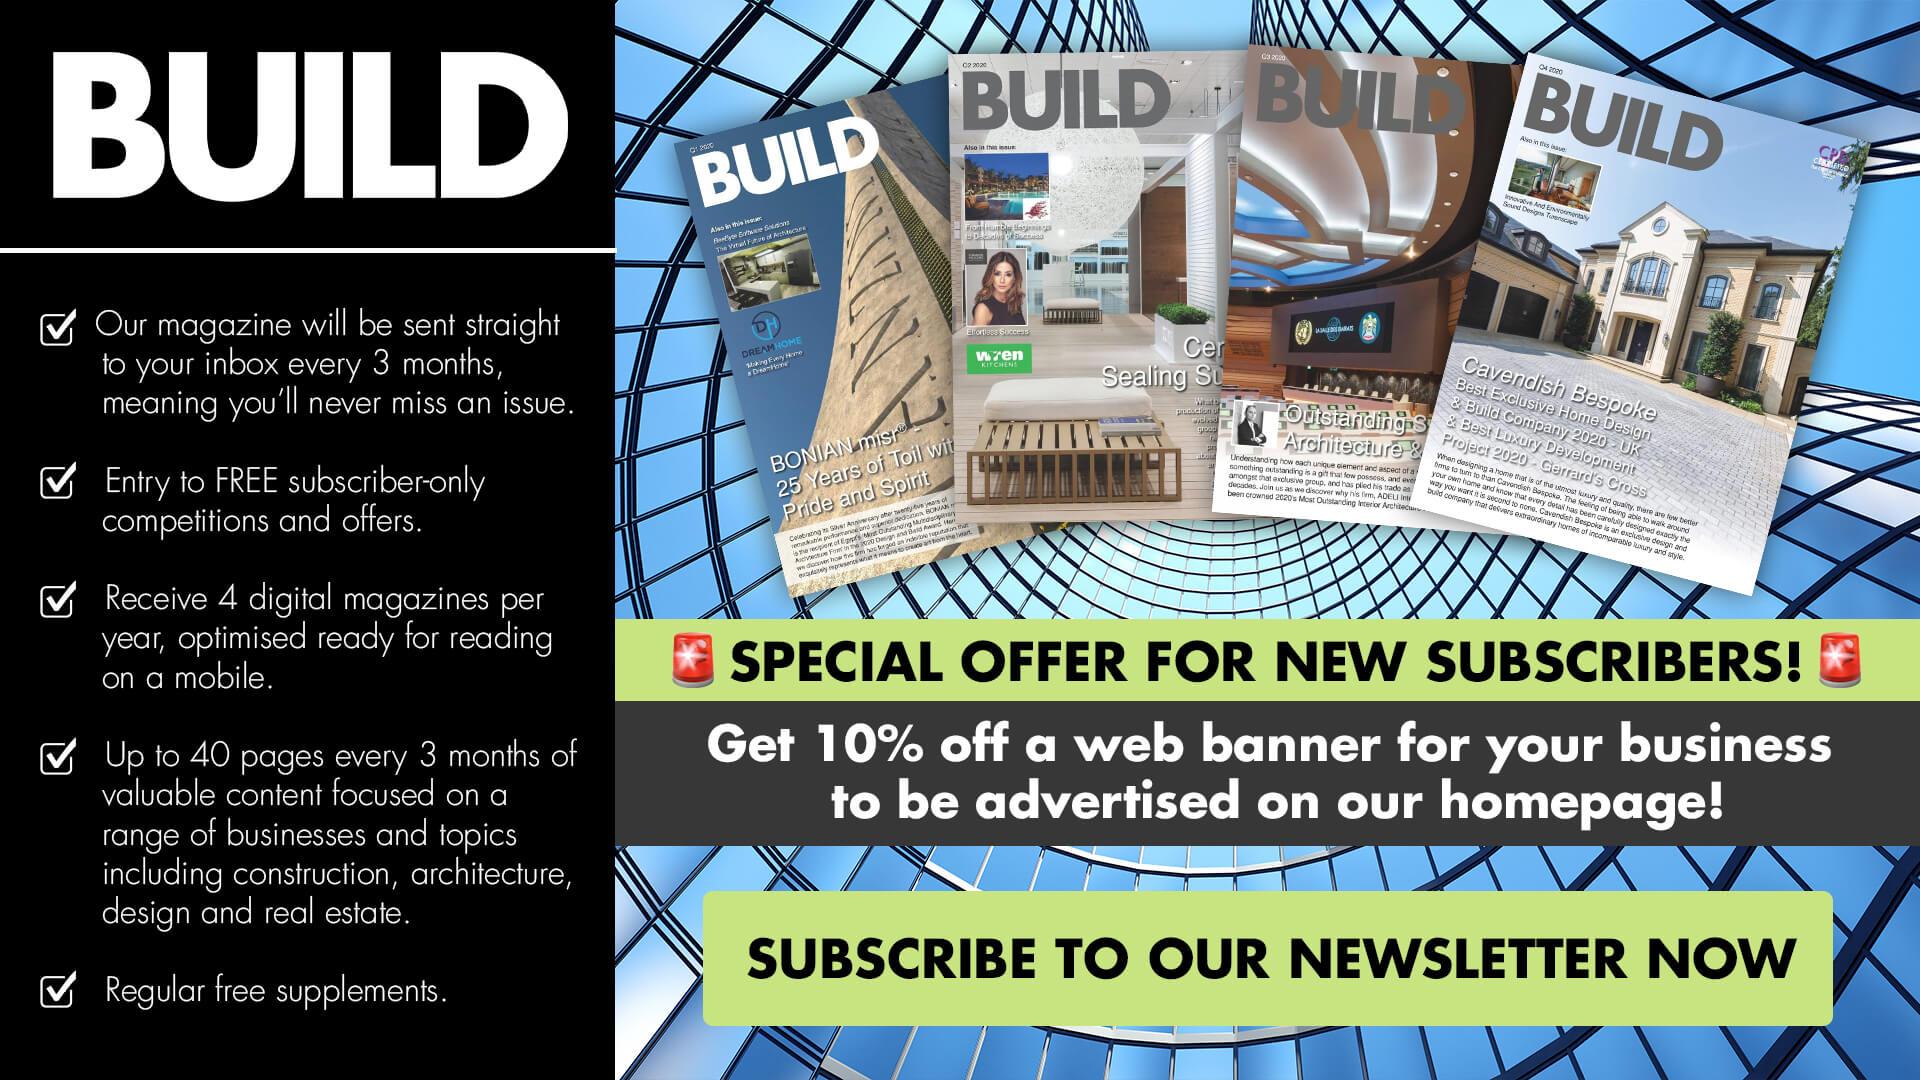 build newsletter artwork offer